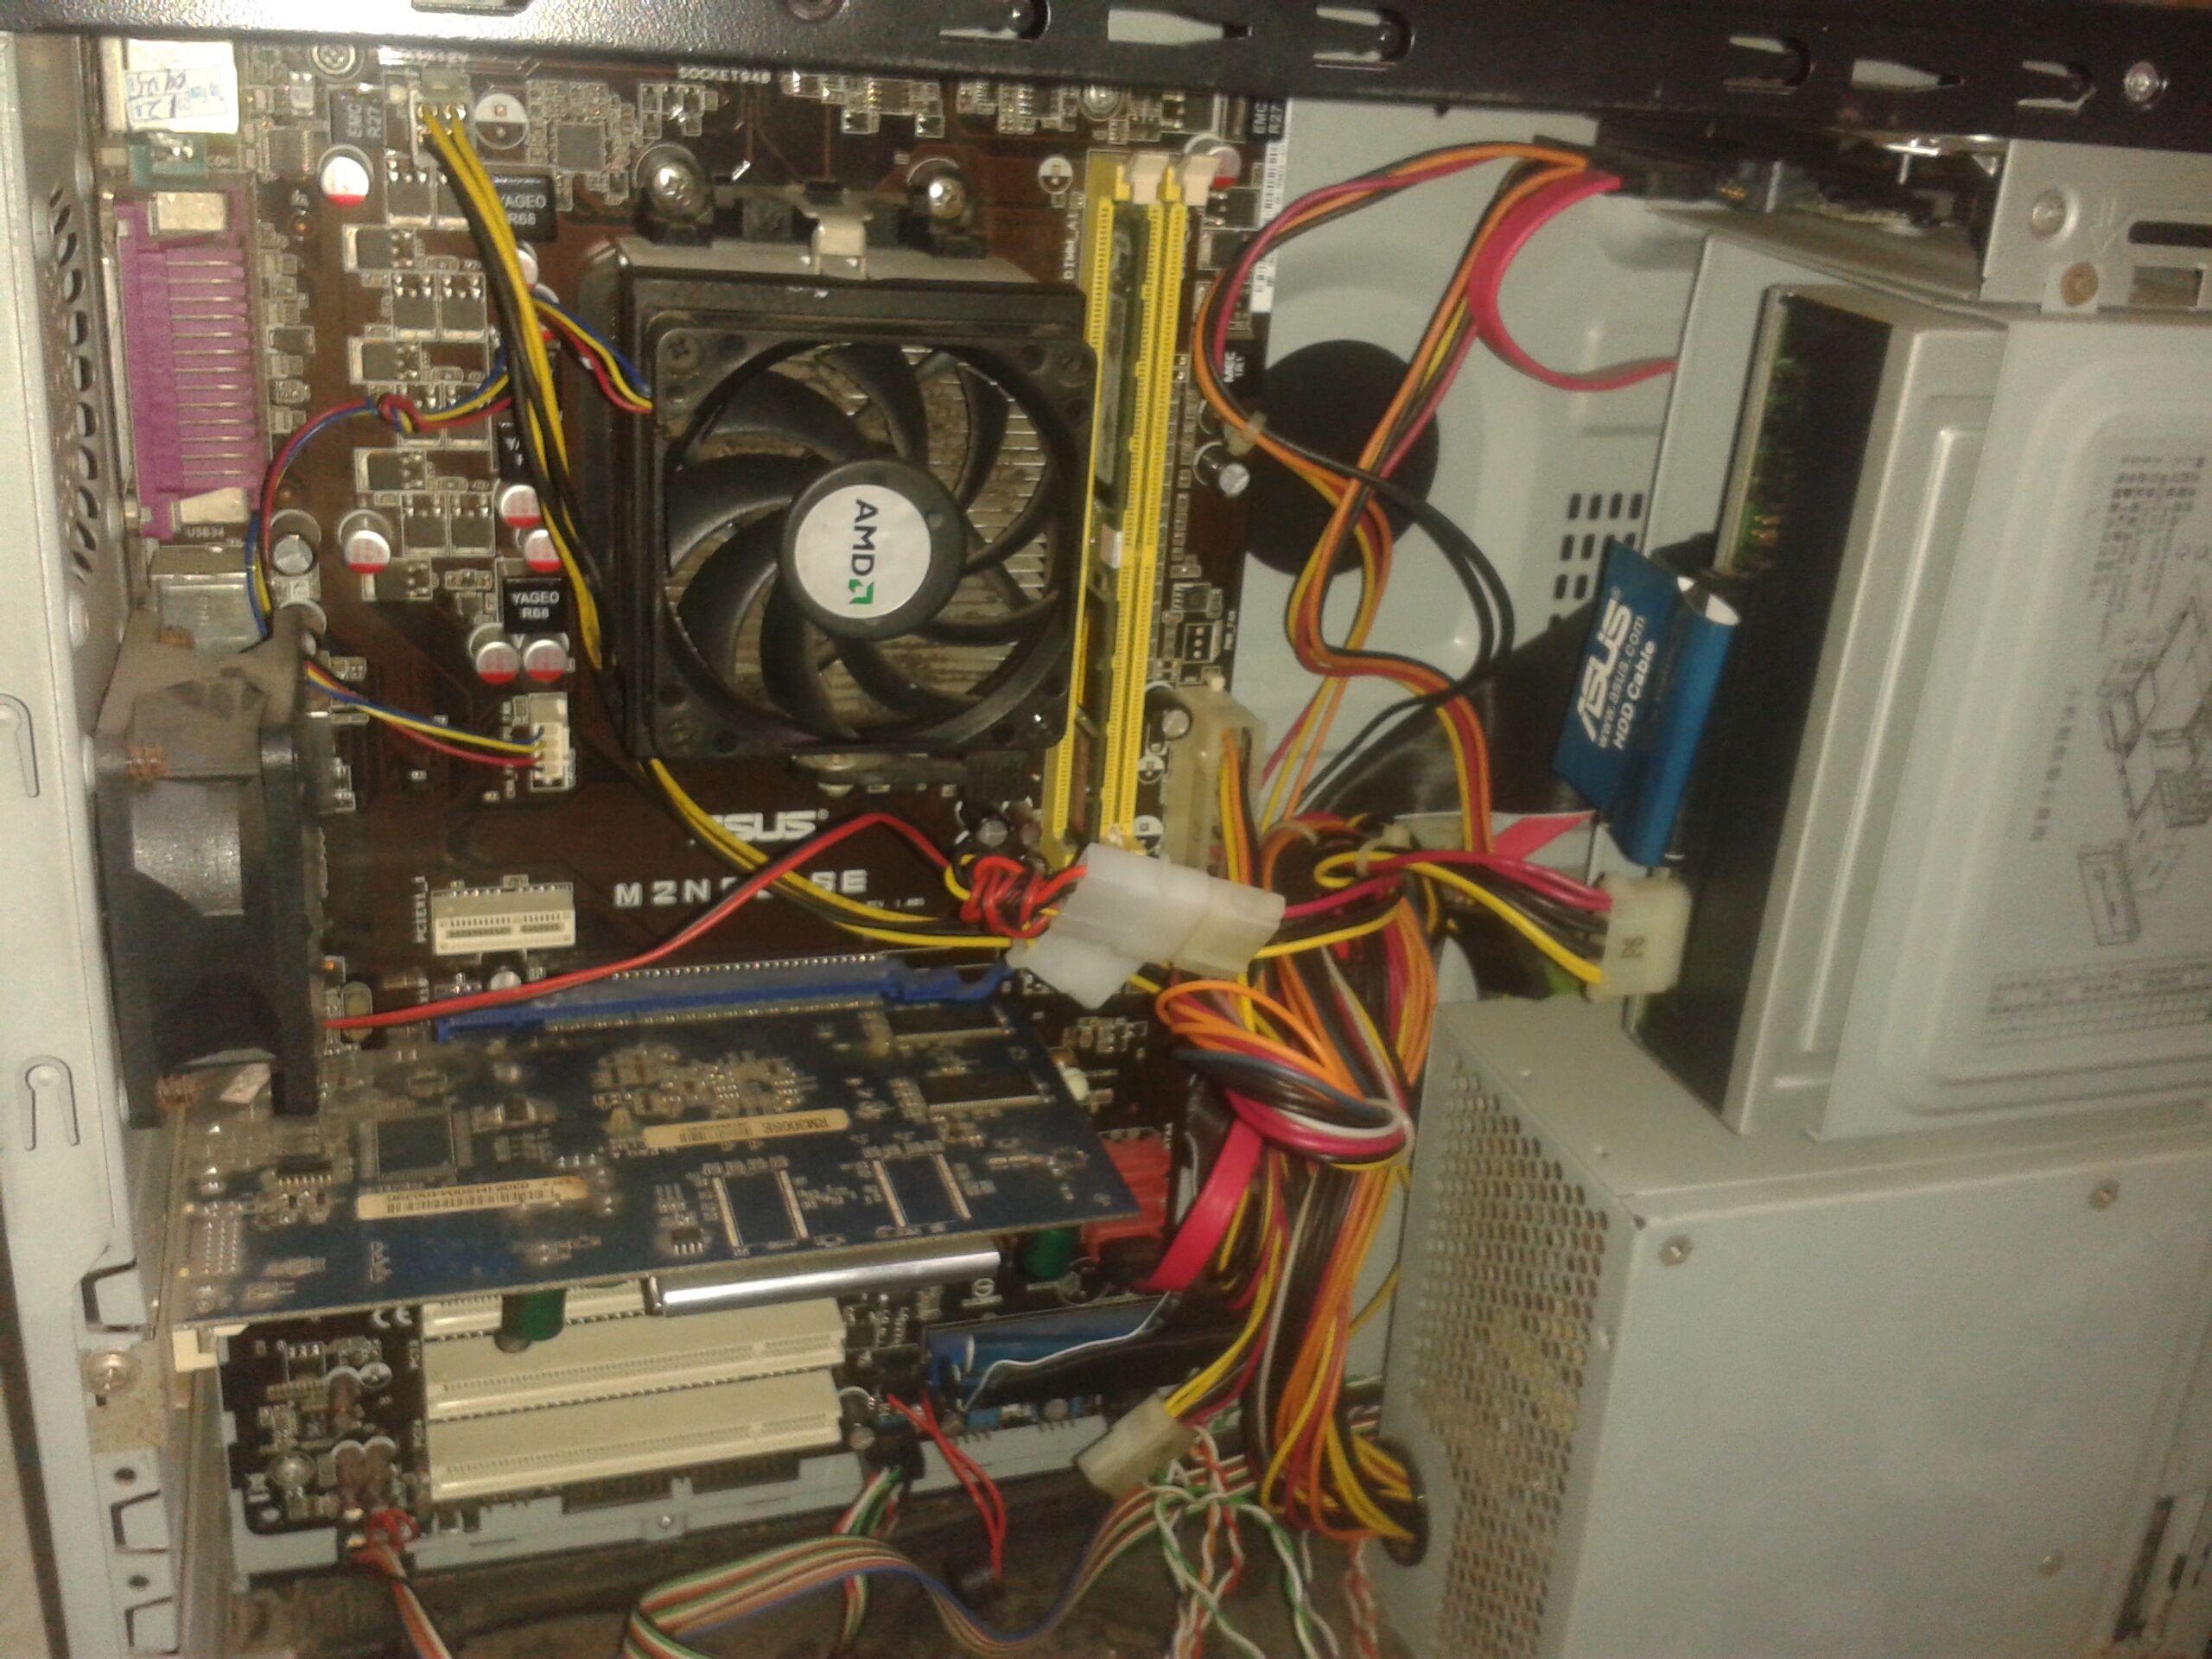 开机就能检测到新硬盘,这样你就可以把硬盘里的东西复制到新主机硬盘图片